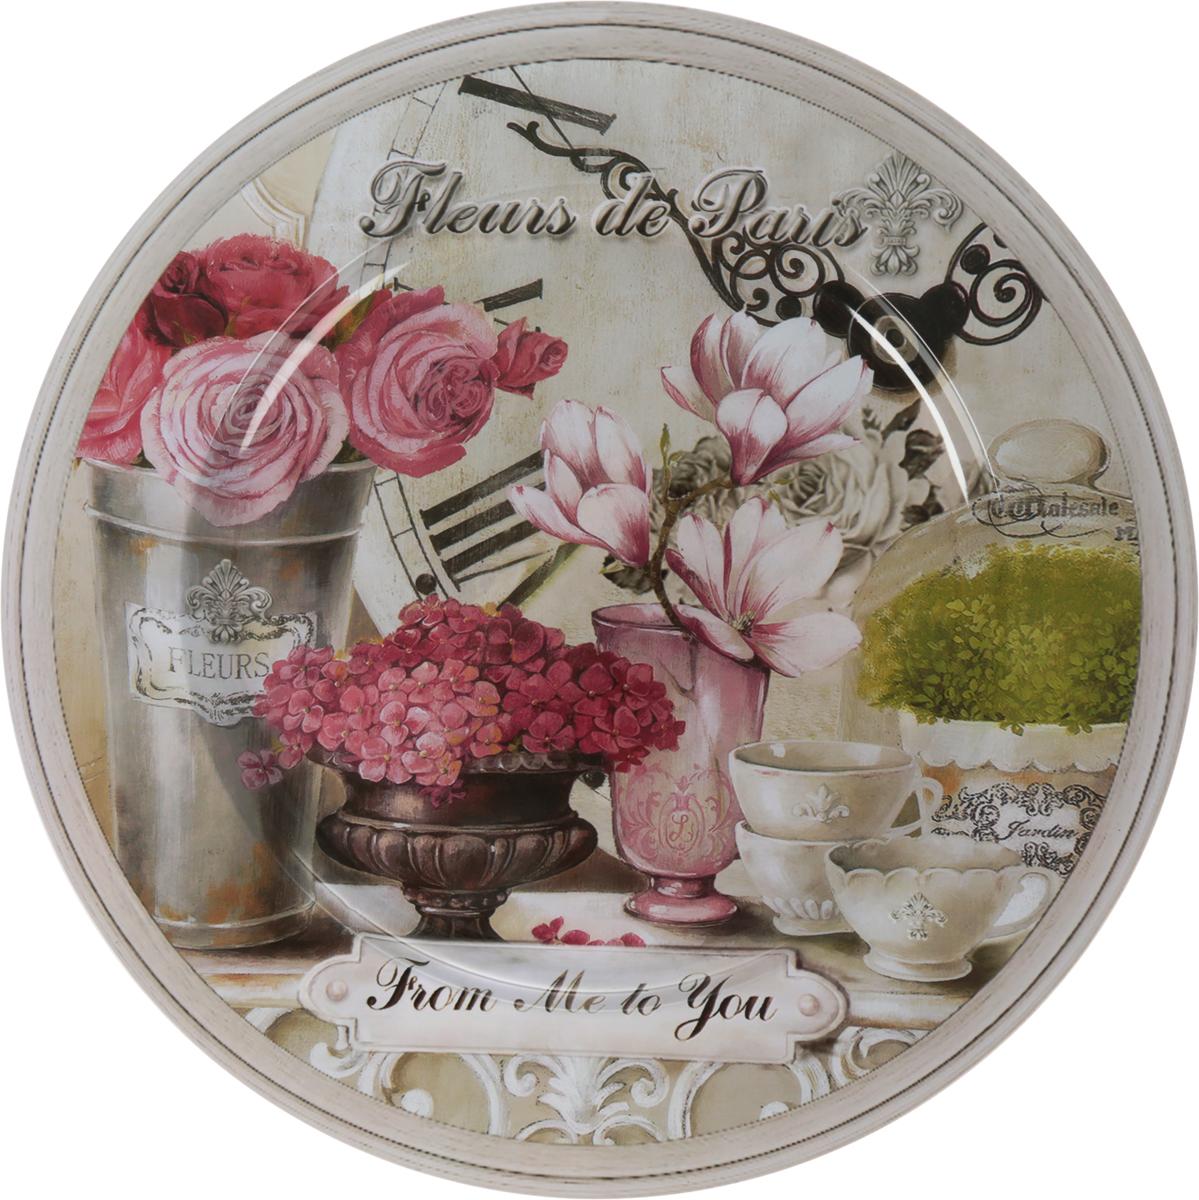 Поднос GiftnHome Парижские цветы, диаметр 33 см115610Поднос GiftnHome Парижские цветы изготовлен из жести и оформлен красочным цветочным рисунком в винтажном стиле. Декор выполнен в технике декупаж. Поднос может использоваться как для сервировки, так и для декора кухни. Поднос прекрасно дополнит интерьер и добавит в обычную обстановку нотки романтики и изящества. Диаметр: 33 см. Высота подноса: 1,5 см.